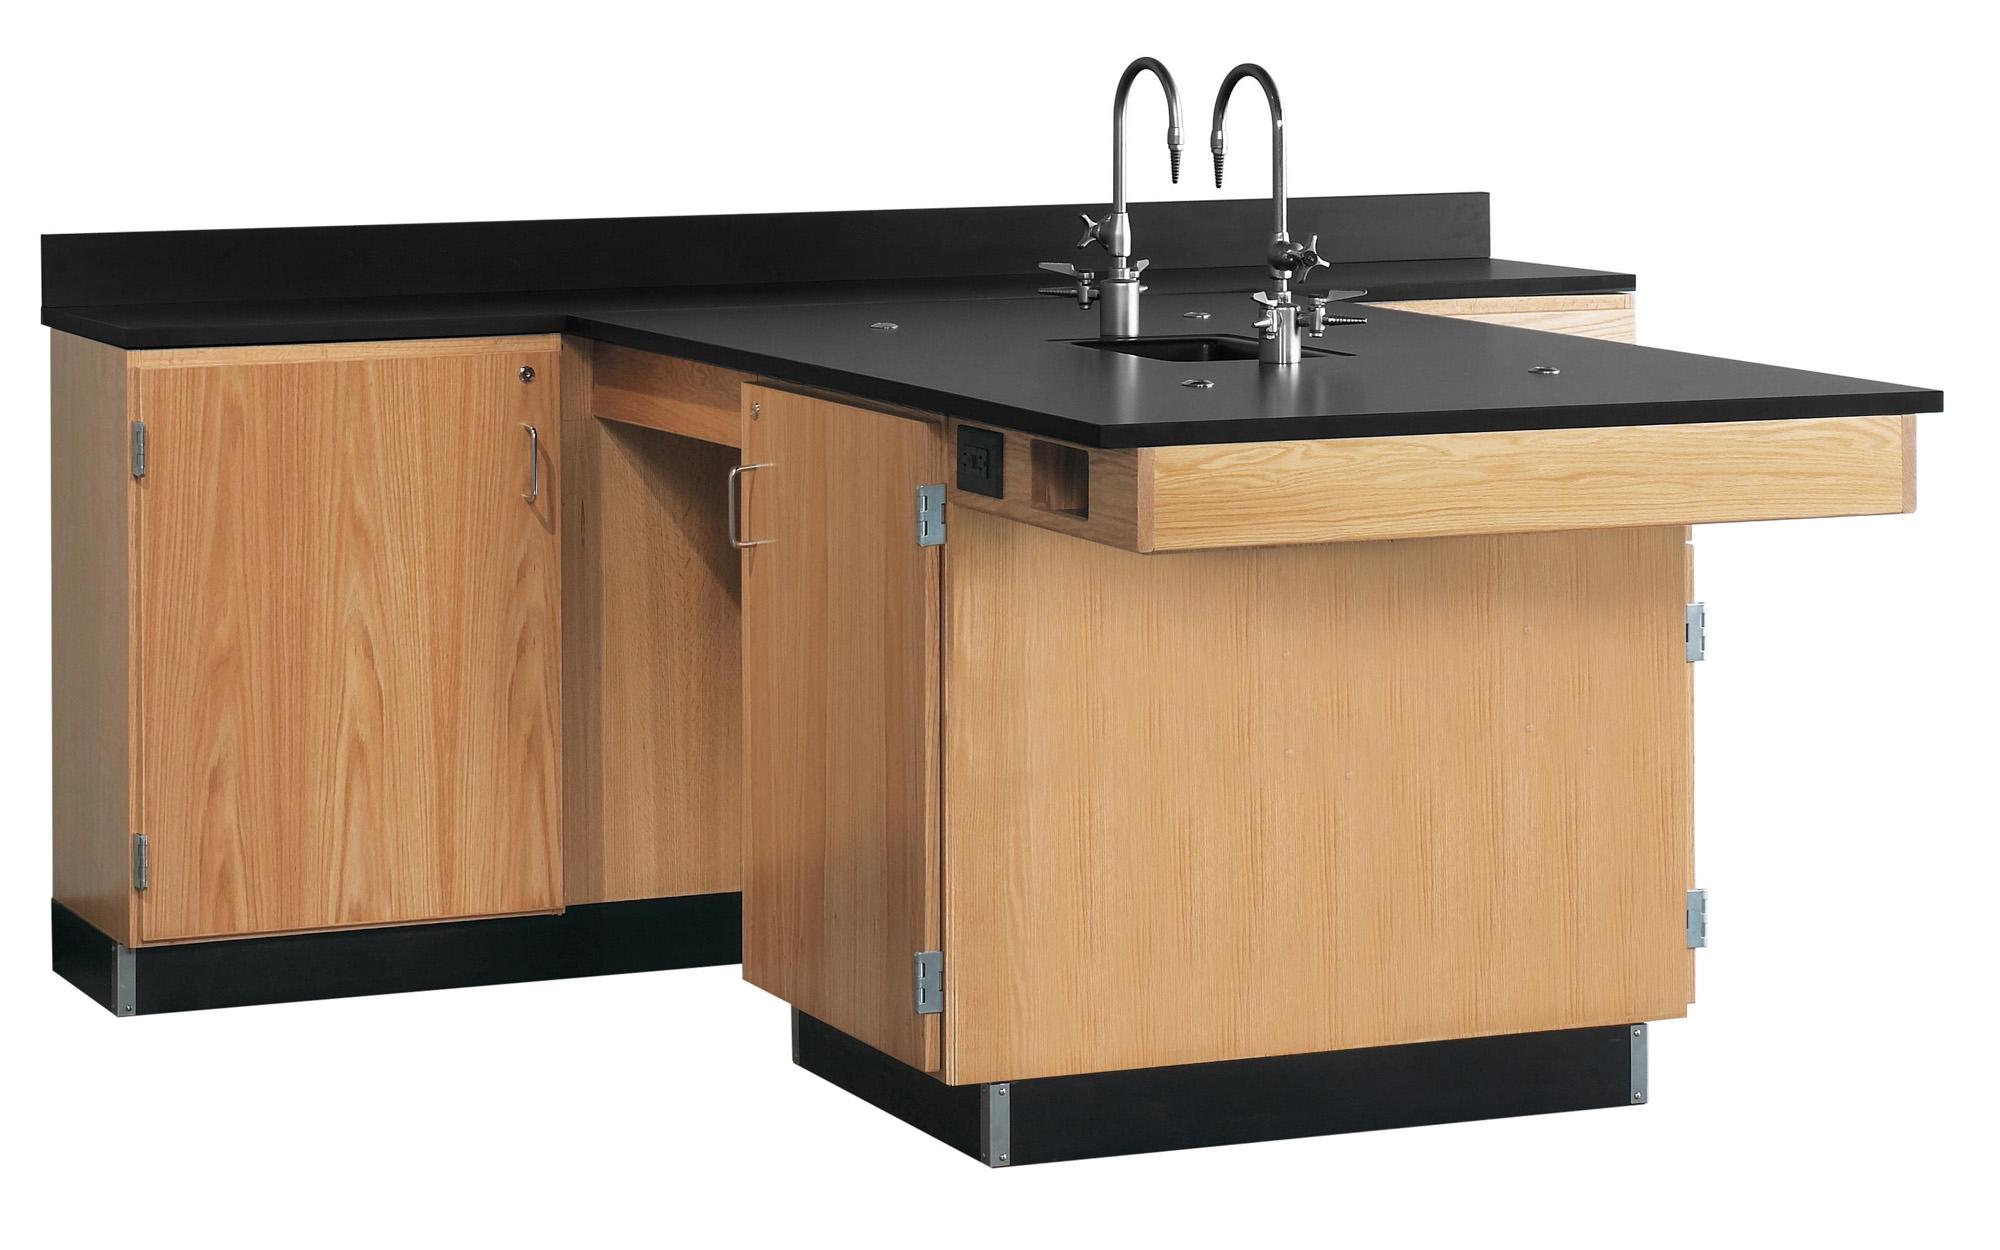 Diversified Woodcrafts Perimeter Workstation, Door Unit - Phenolic Top